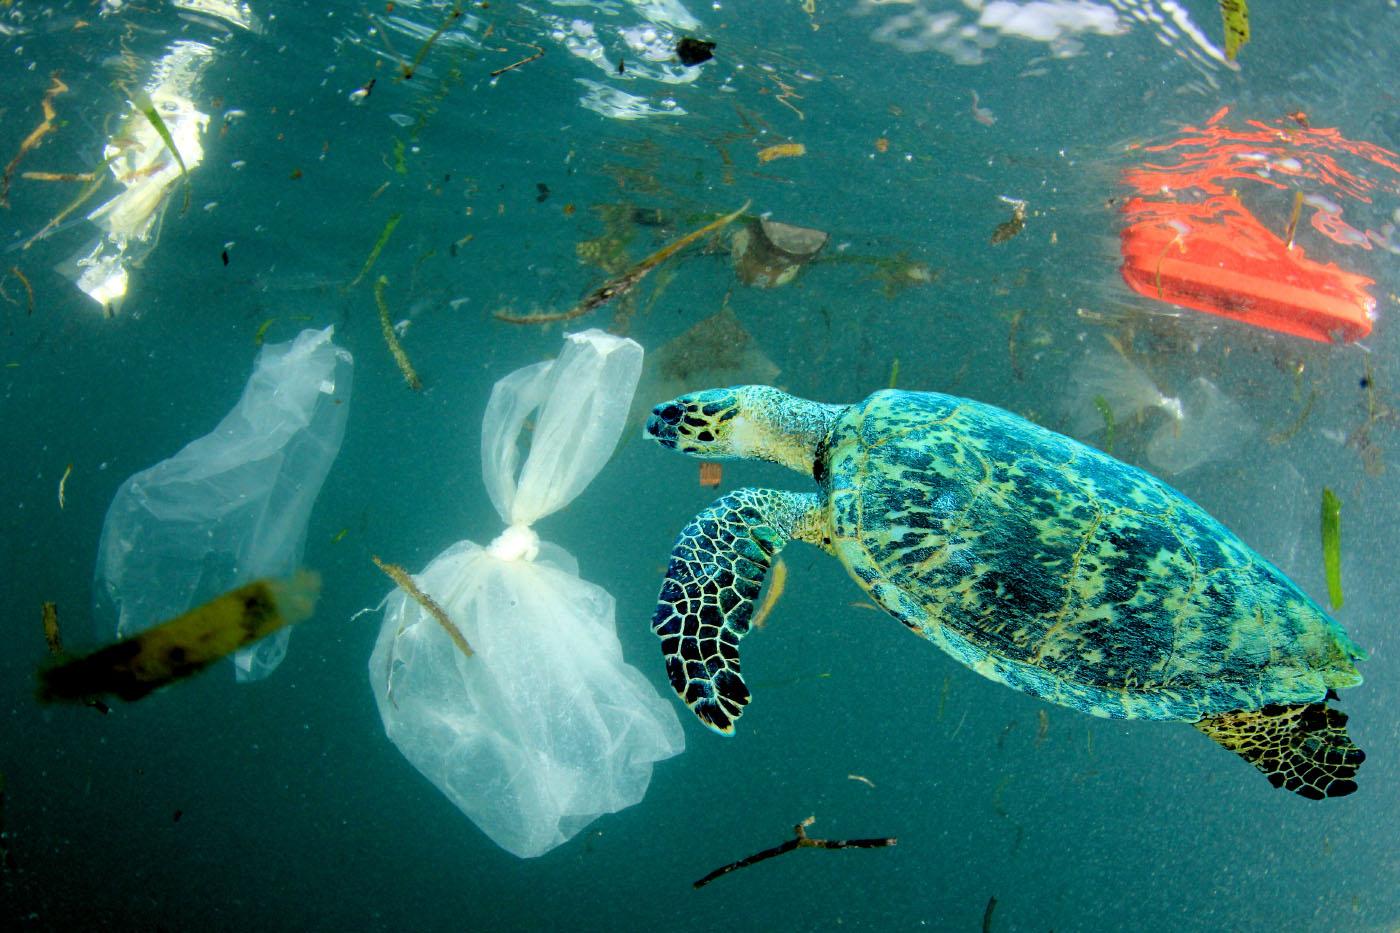 Sea turtle swimming amongst waste plastic